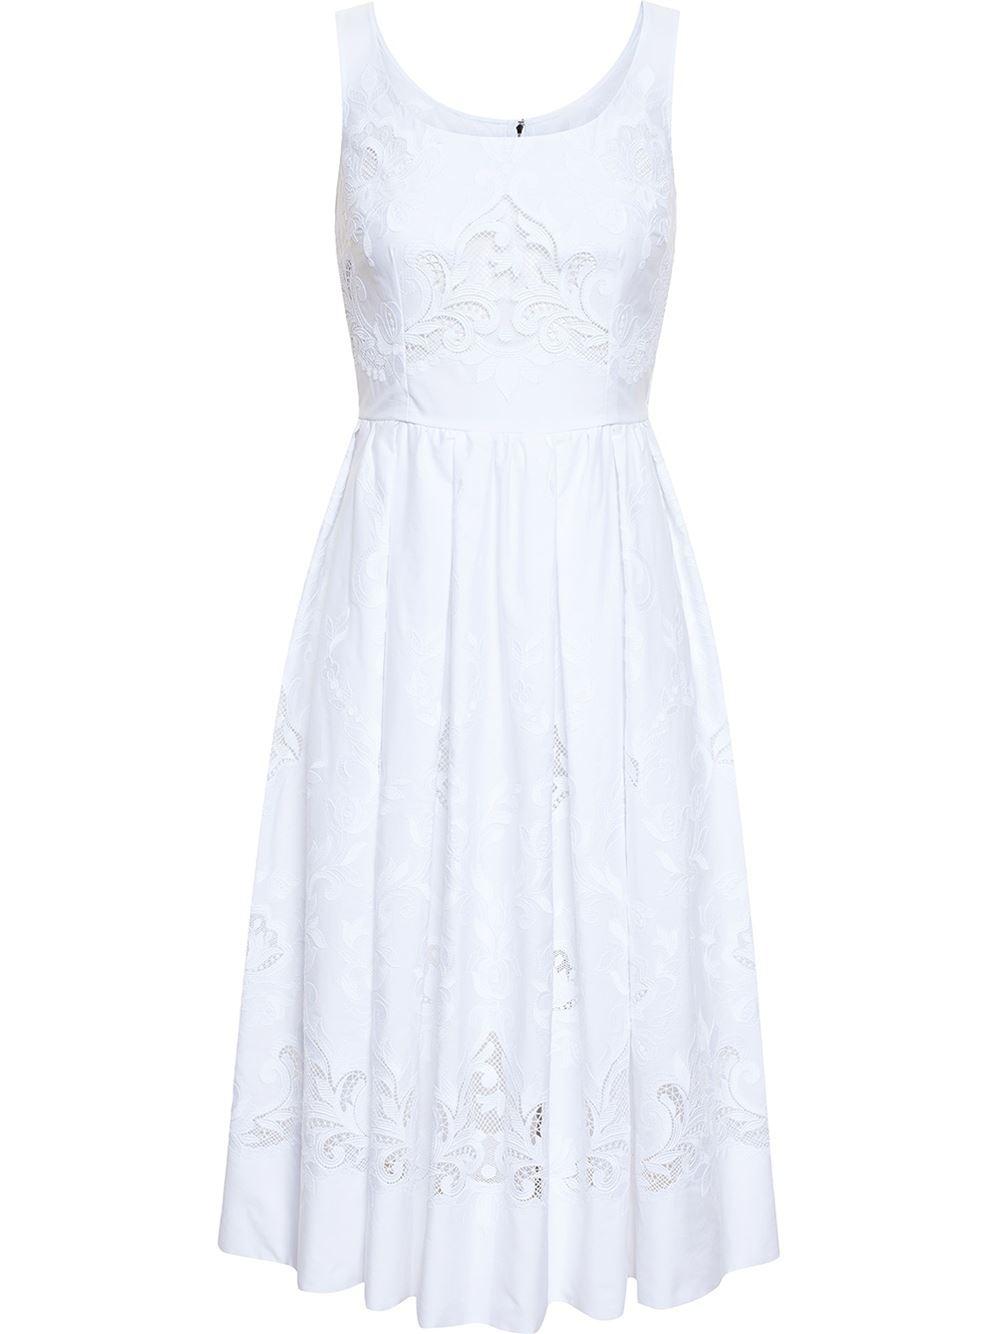 07f4da080f Dolce  amp  Gabbana Lace Cut-Out Dress in White